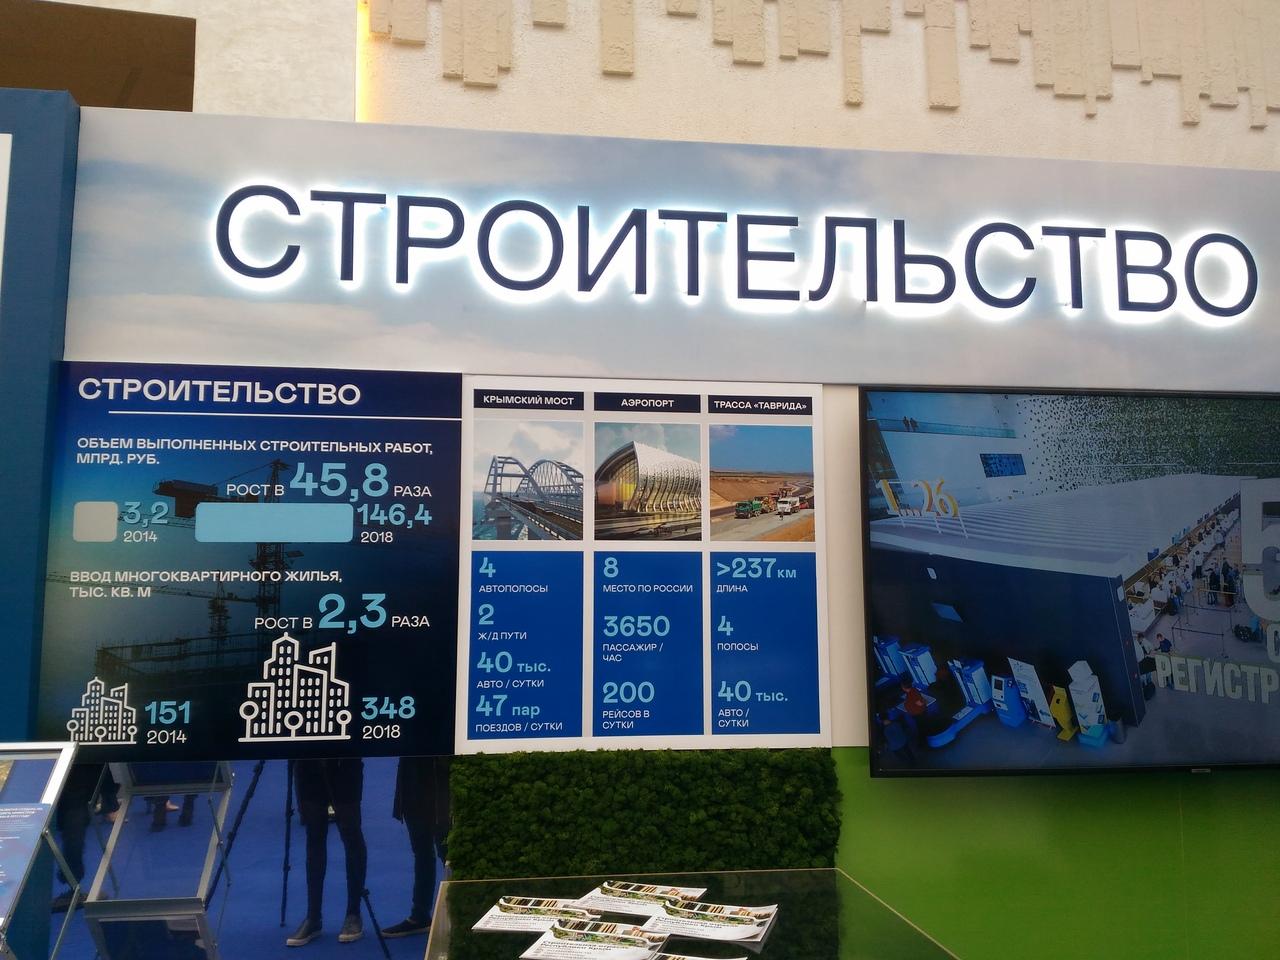 Новые идеи для бизнеса в Крыму обсудили тысячи человек из ста стран